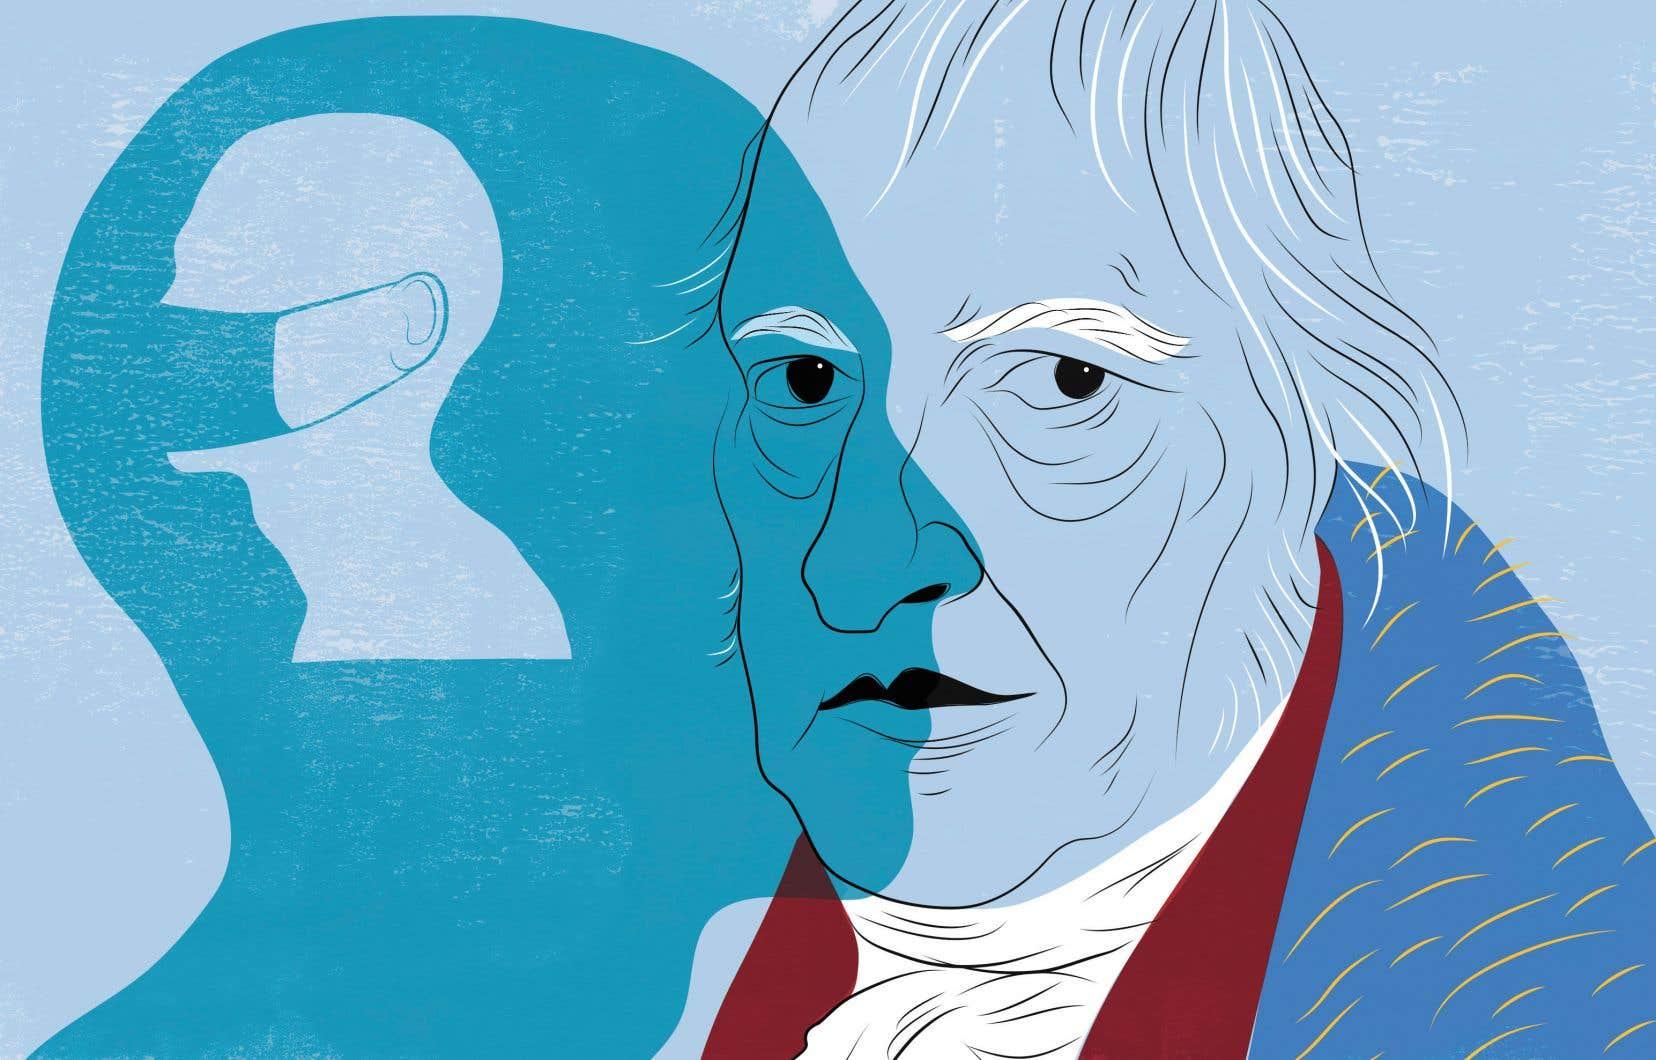 Comment se fait-il qu'après la peste de 1347, le choléra de 1850 ou encore la grippe espagnole de 1919, une pandémie des temps modernes soit si paralysante pour l'humanité? Georg Wilhelm Friedrich Hegel répondrait probablement que chaque époque et chaque société qui la domine sont si complexes et singulières qu'aucune loi universelle ne peut s'en dégager, sinon que rétrospectivement. Cela dit, d'où vient cette mise en garde et comment peut-on s'en affranchir?